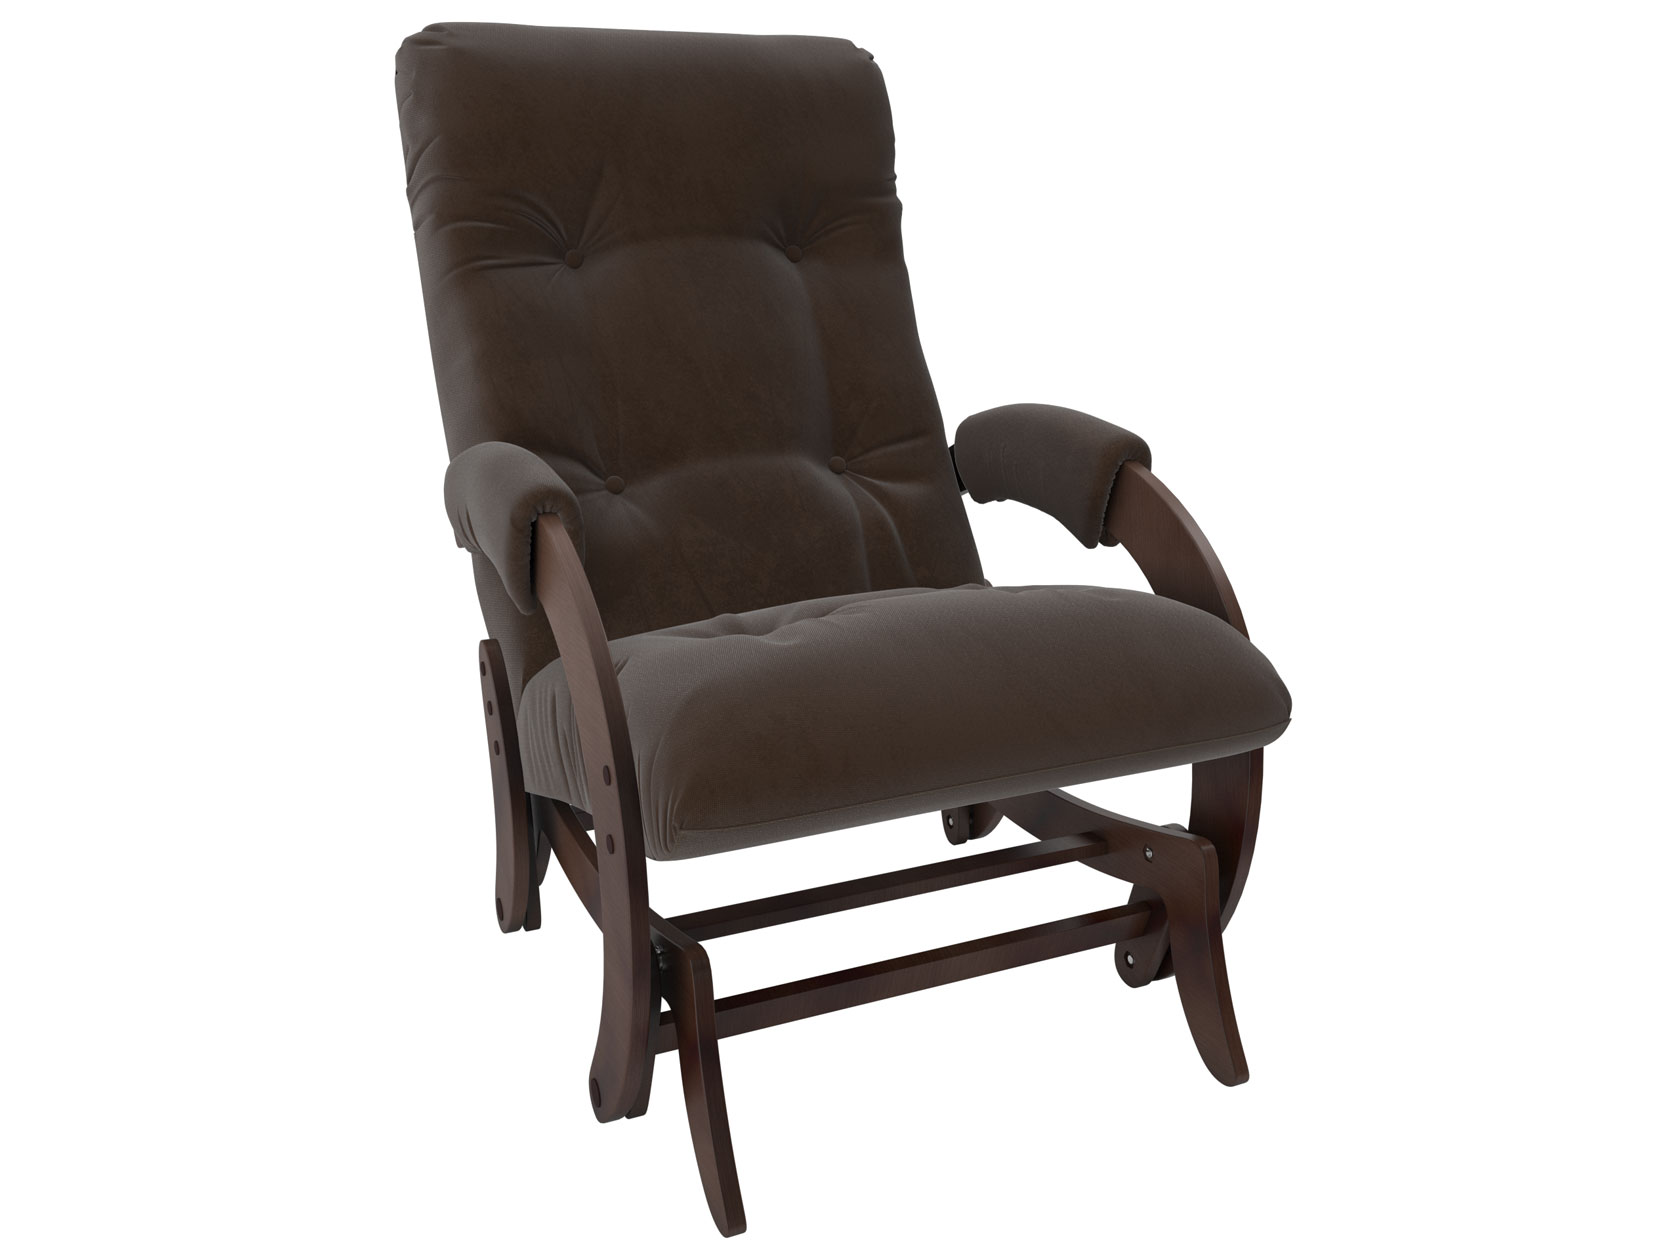 Кресло-глайдер 179-100248